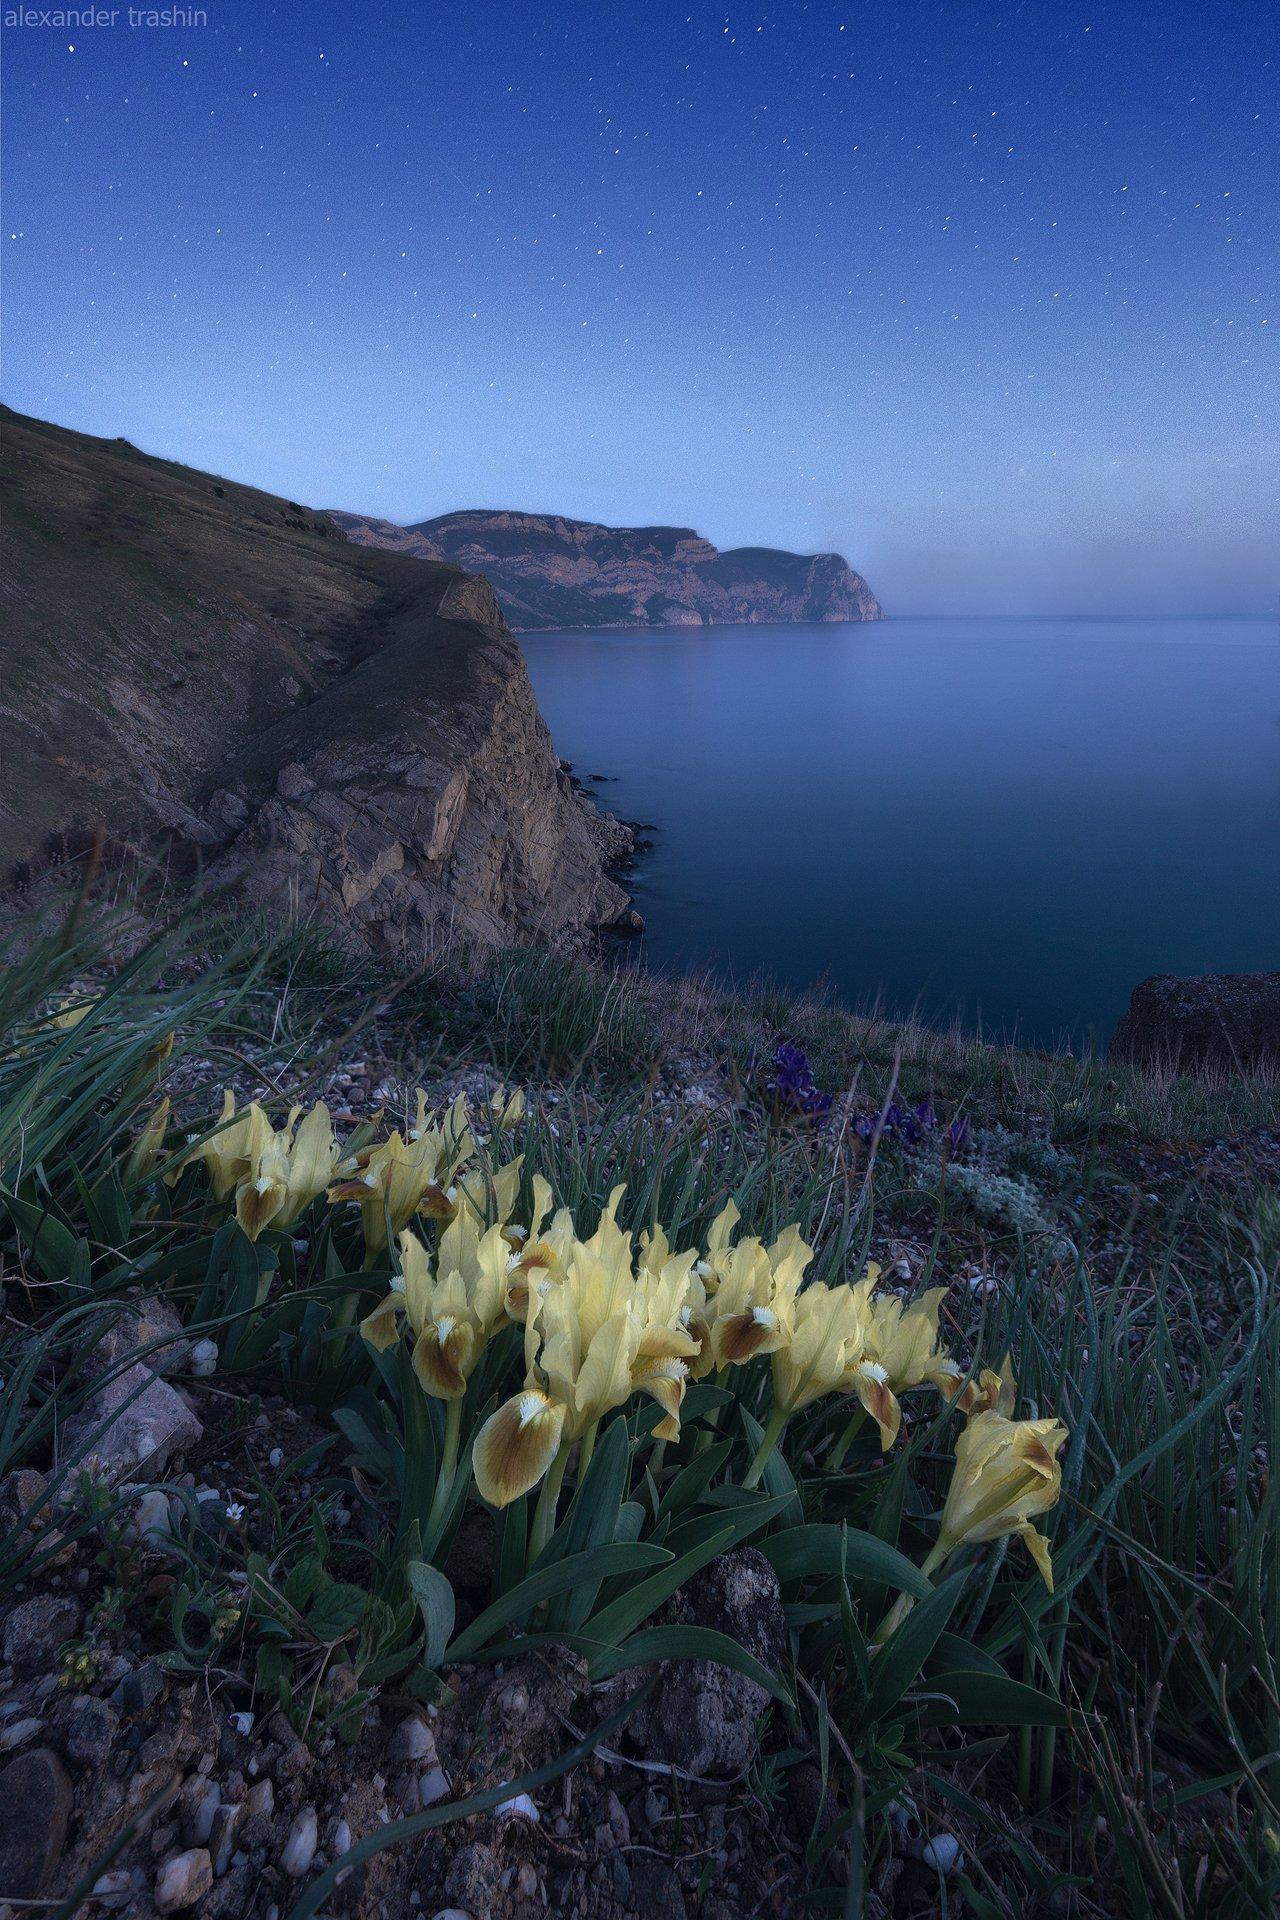 балаклава, крым, весна, пейзаж, ирисы, Александр Трашин